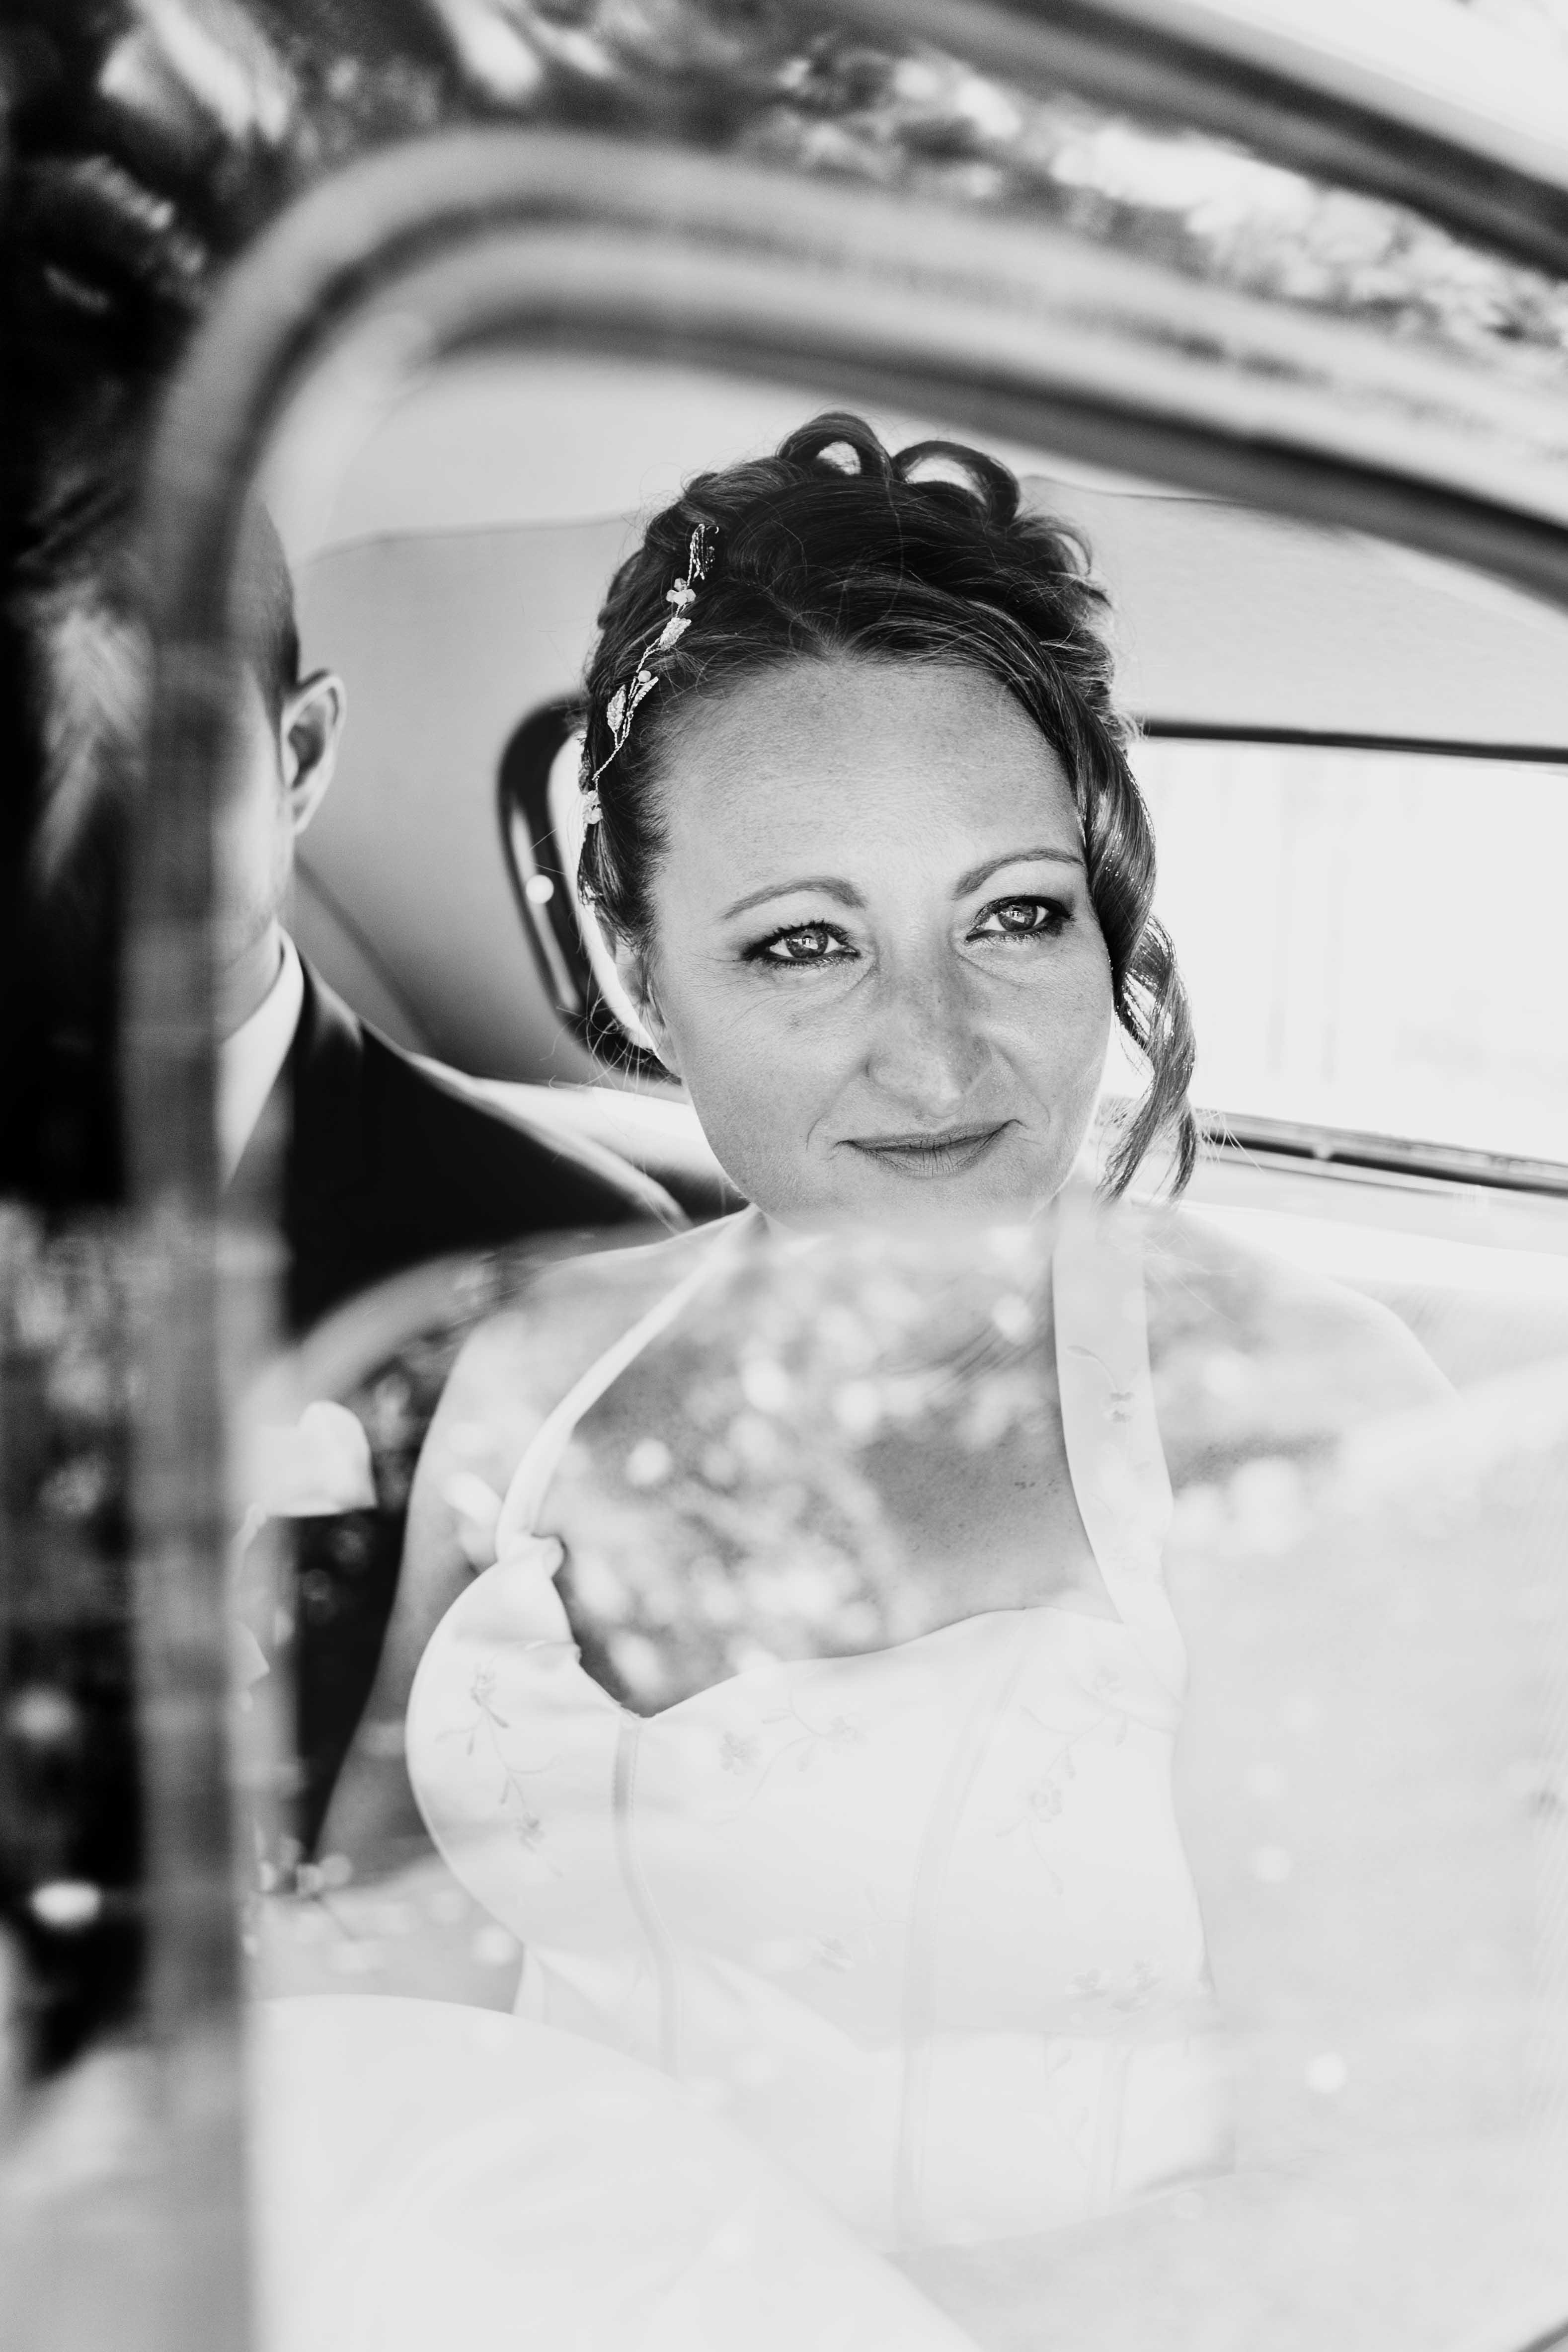 photo noir et blanc. la mariée attend dans la voiture